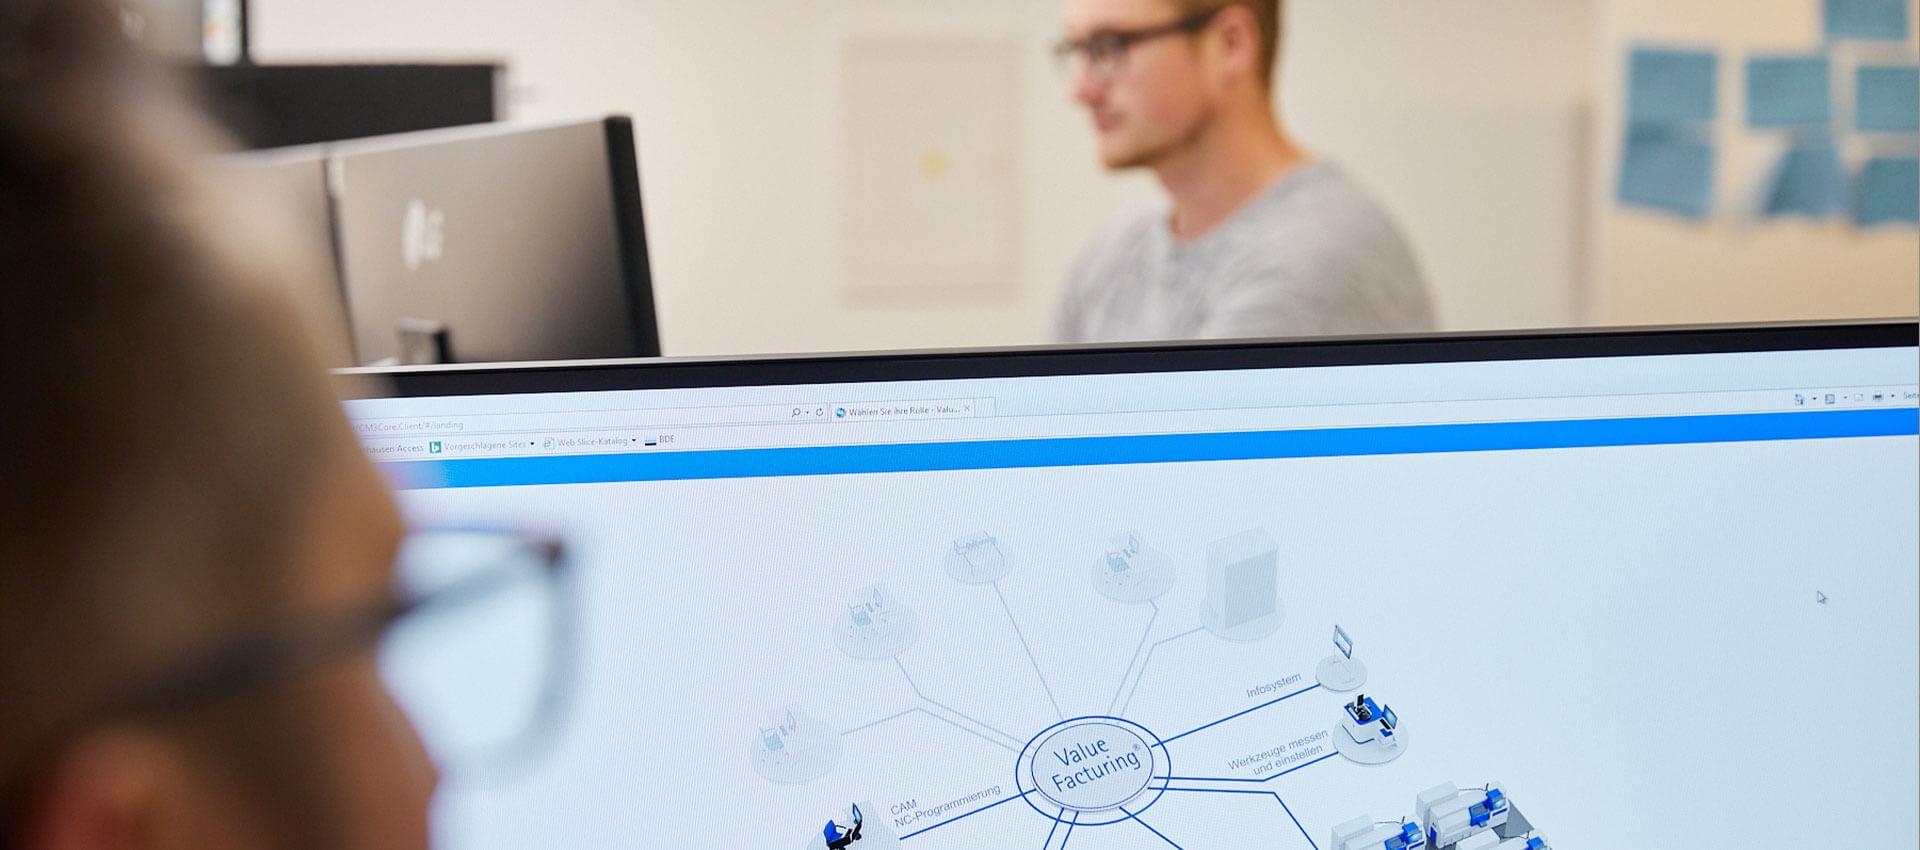 Kaufleute für Digitalisierungsmanagement (m/w/d)